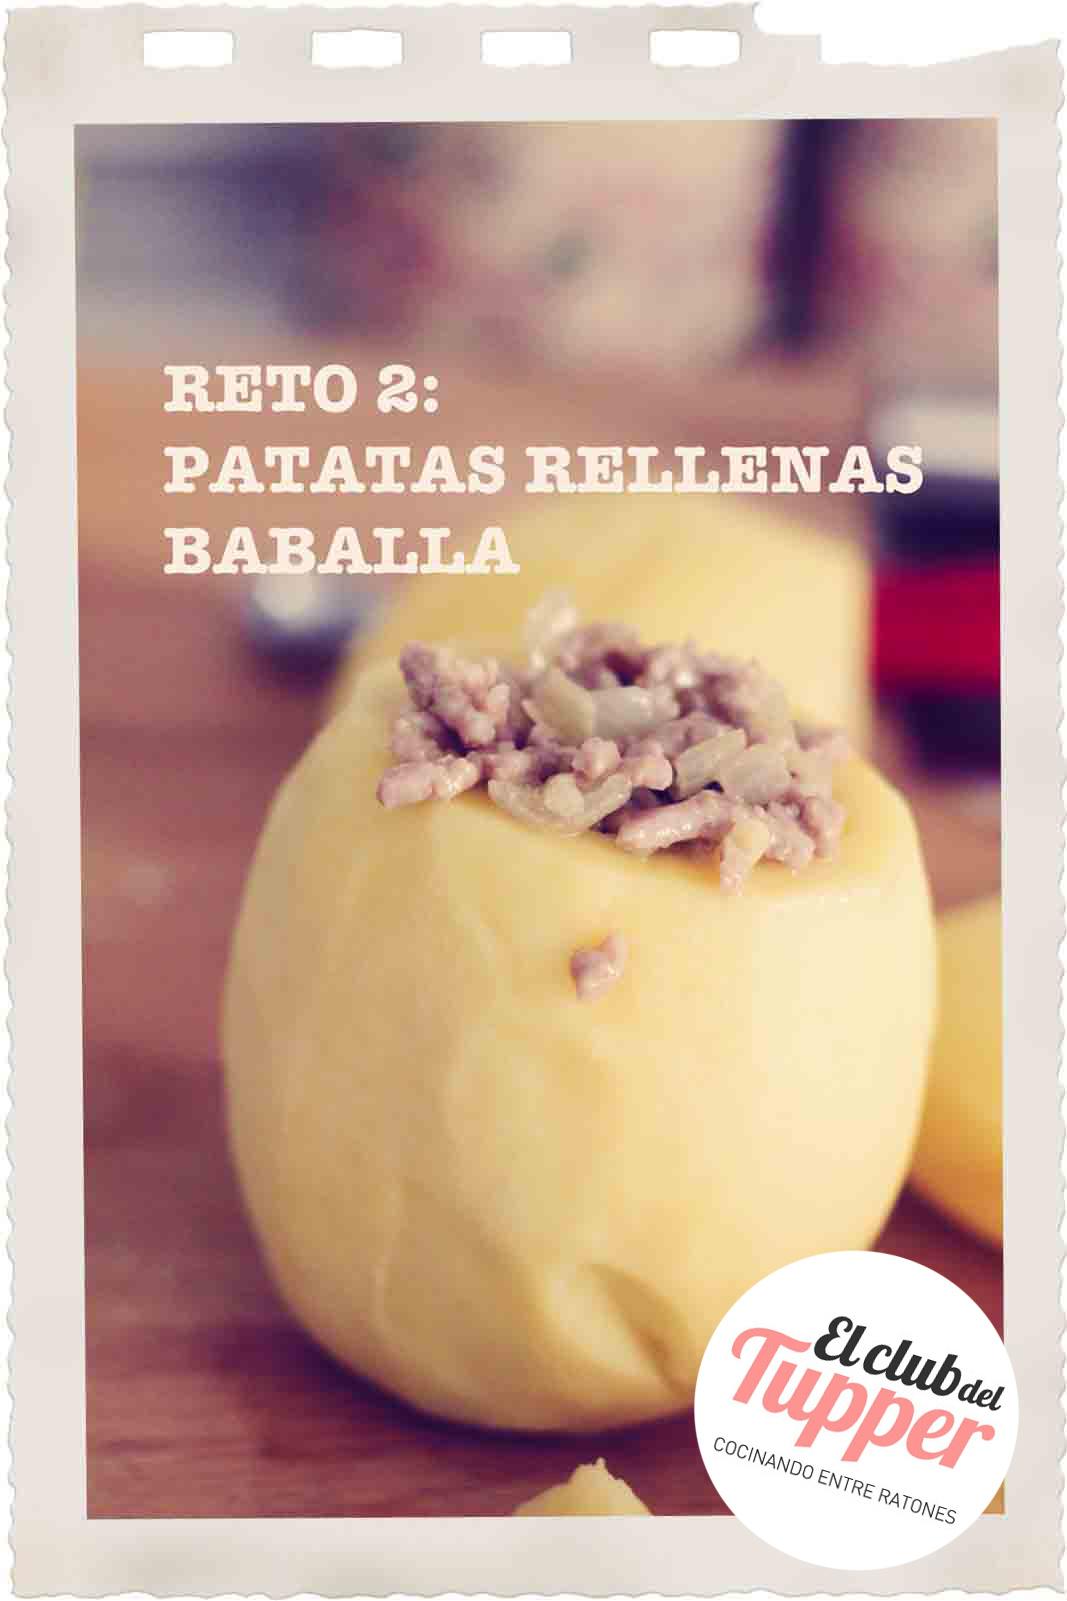 Club del Tupper : Patatas rellenas